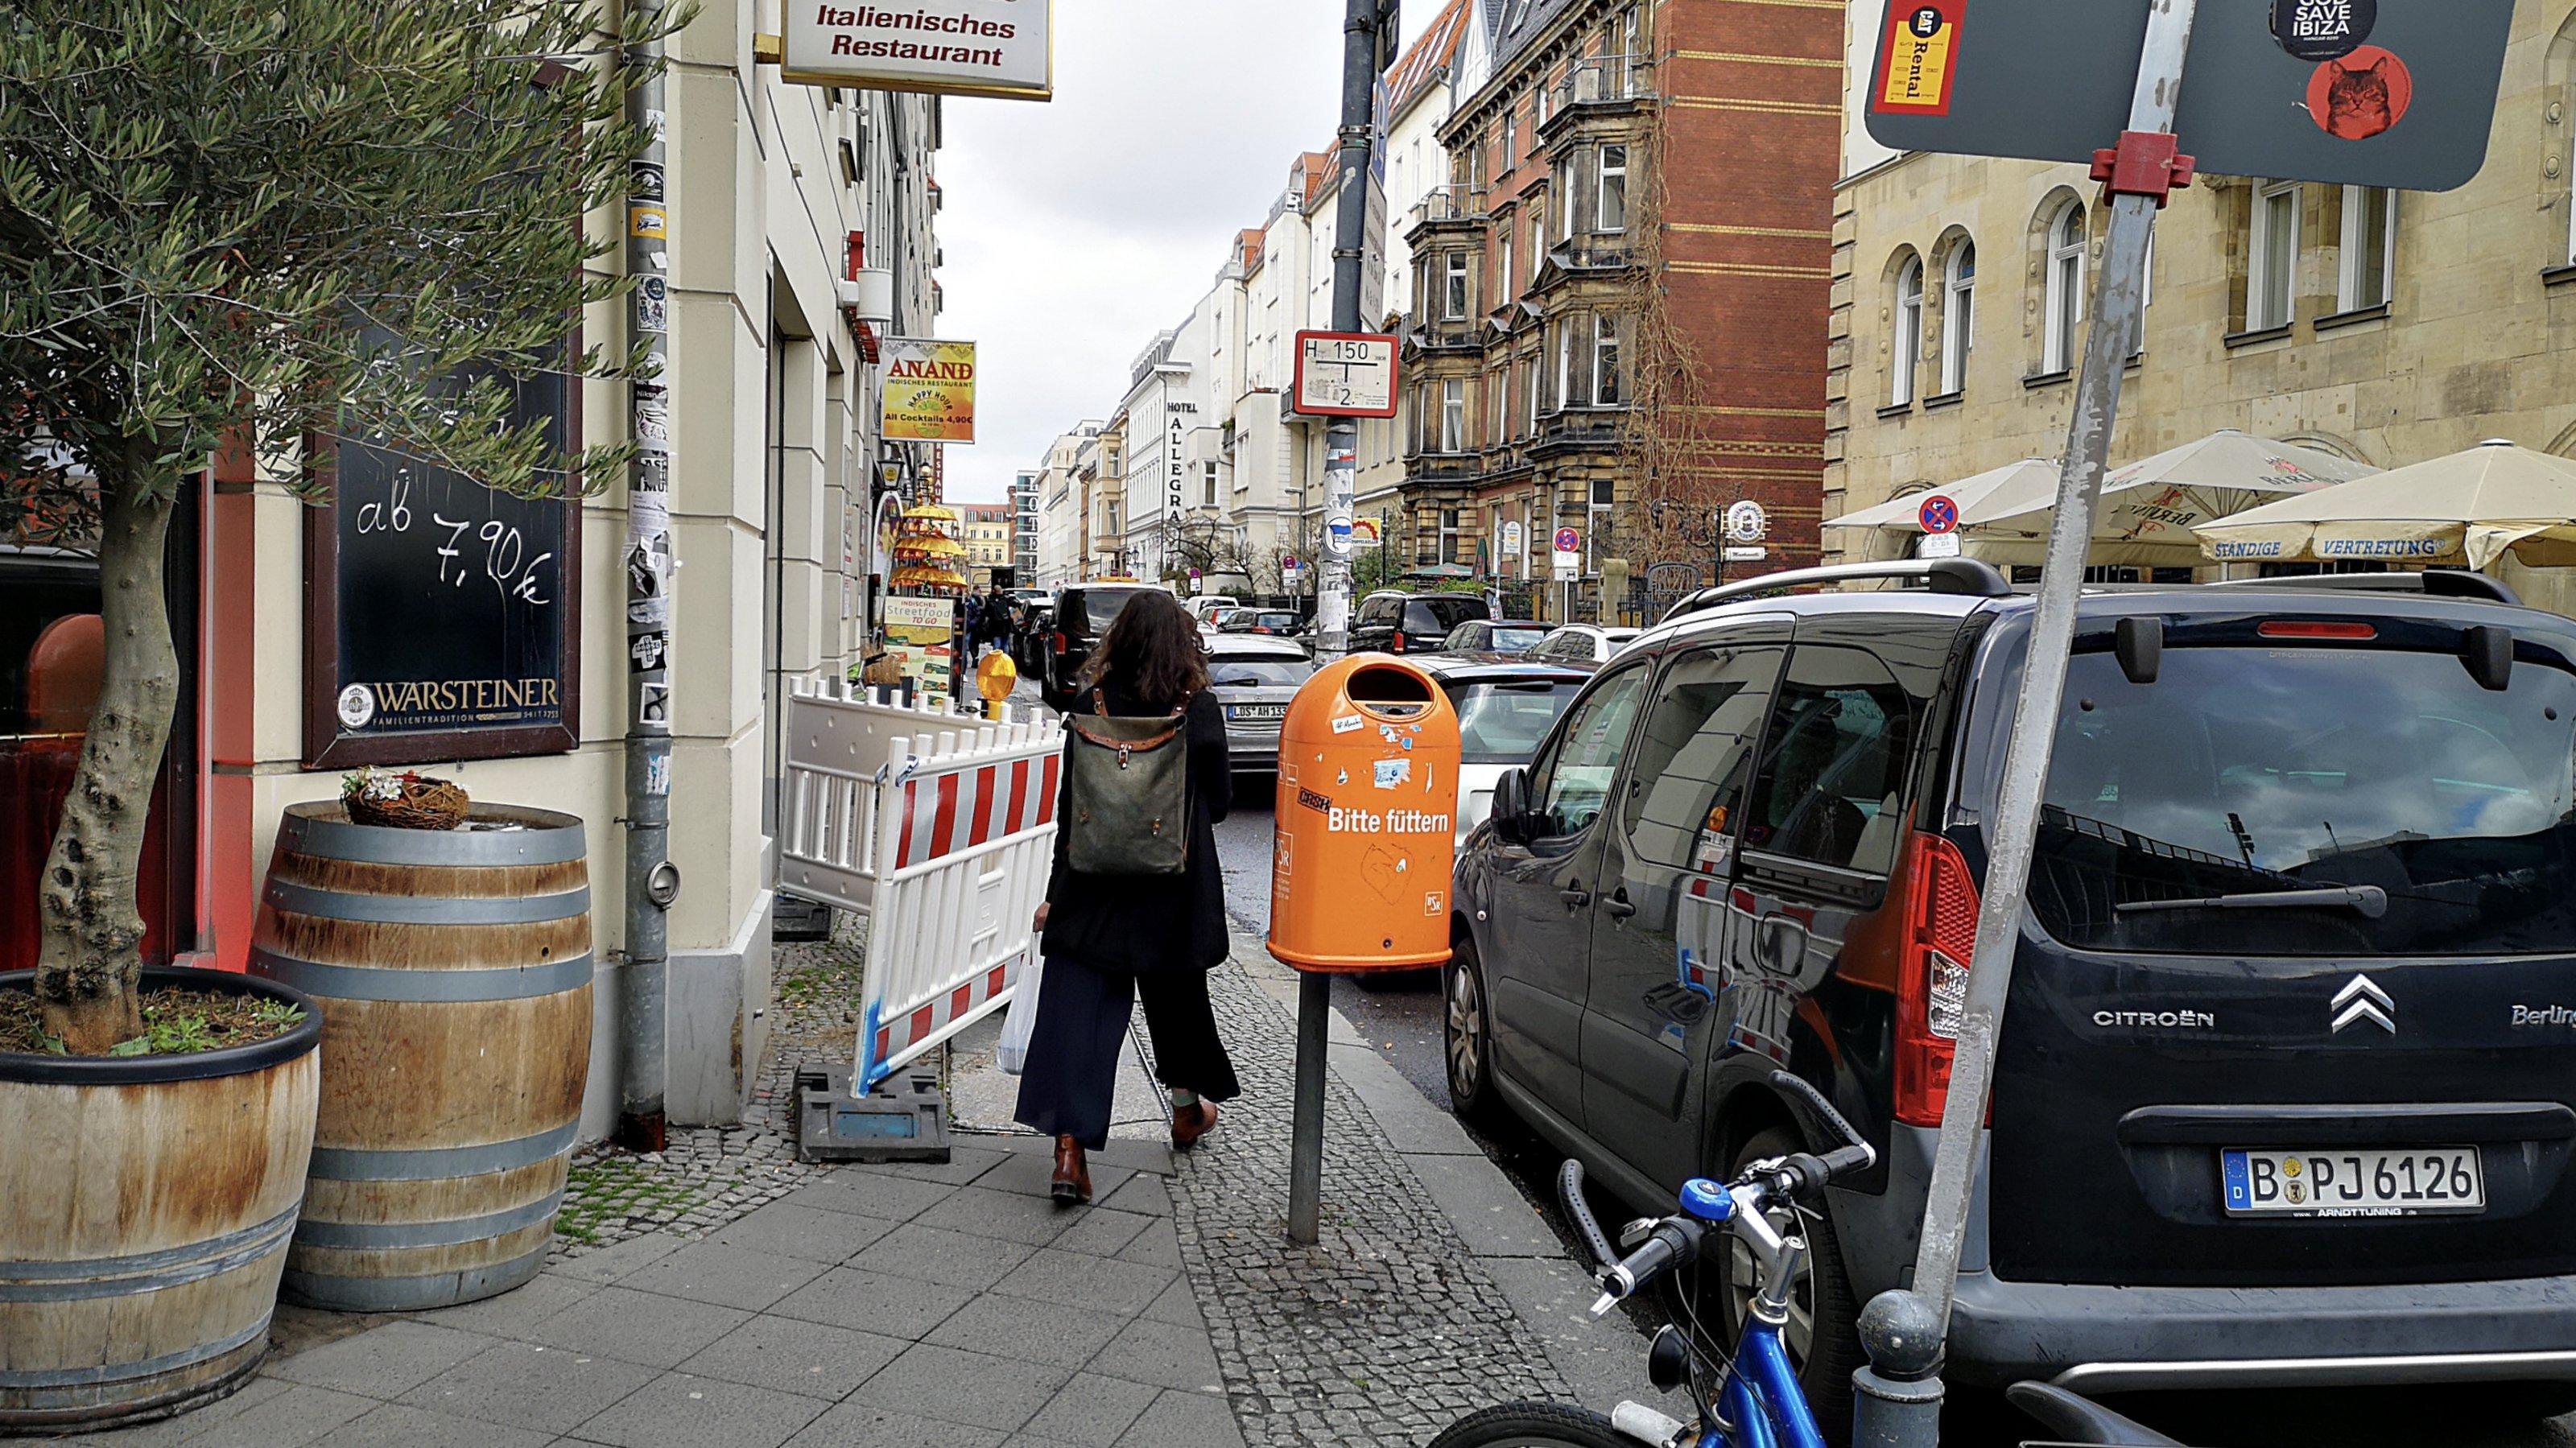 Eine Absperrung versperrt die Hälfte des Gehwegs. Die Frau, die auf Fußweg sieht man von hinten. Sie trägt einen Rucksack.